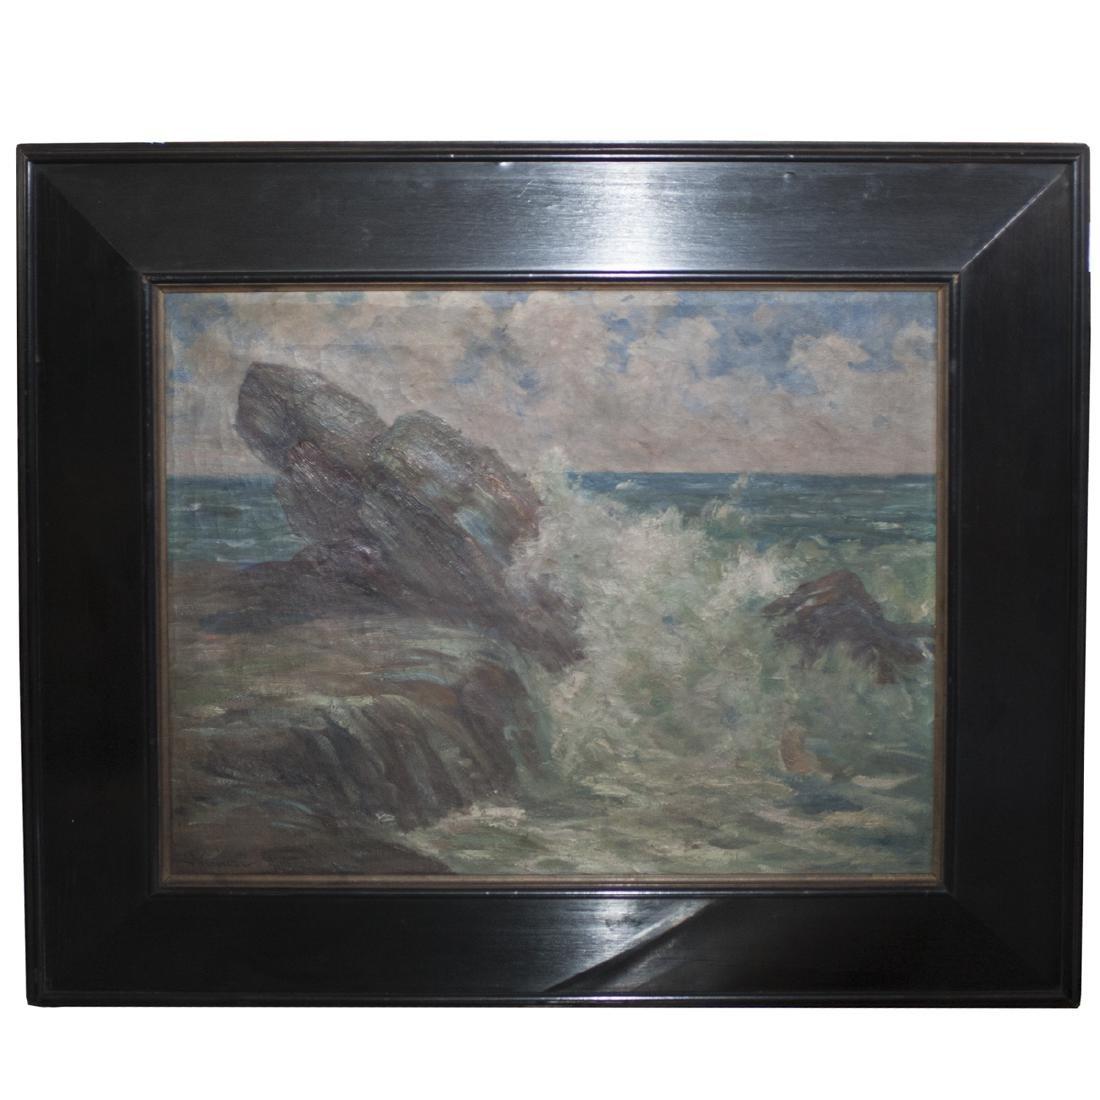 Antique Landscape Oil on Canvas